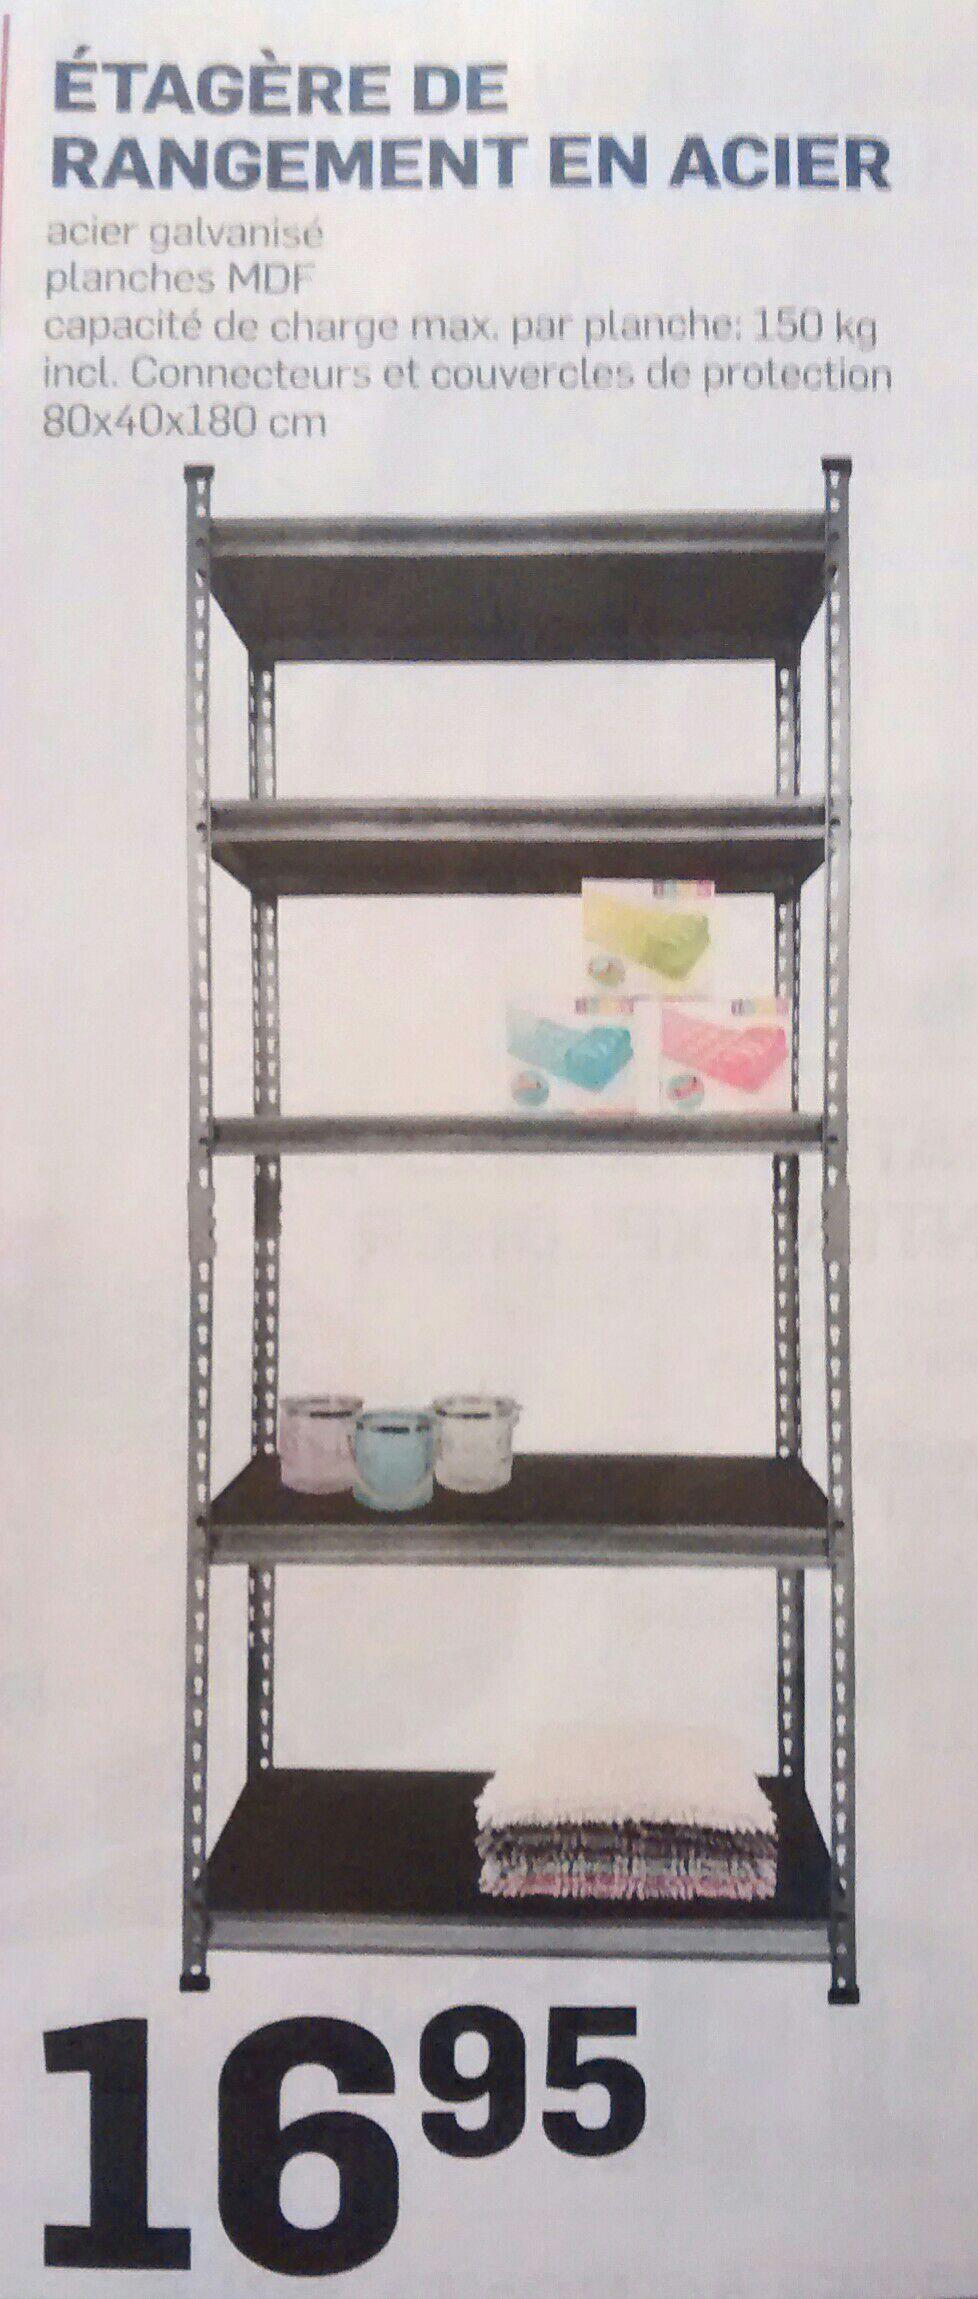 tag re de rangement en acier 180x80x40cm 150kg par tablette. Black Bedroom Furniture Sets. Home Design Ideas